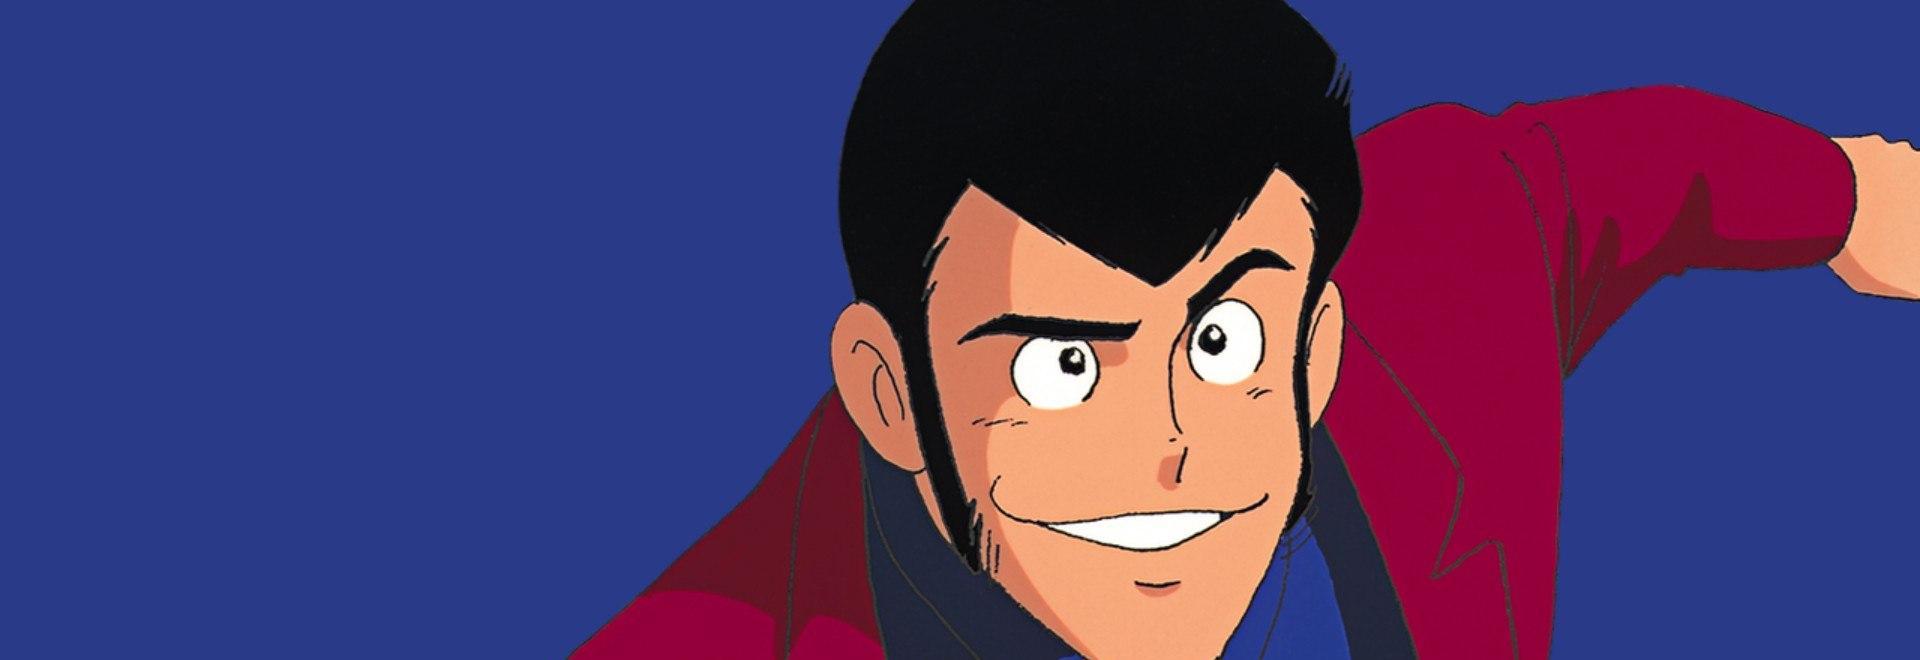 La seconda morte di Lupin